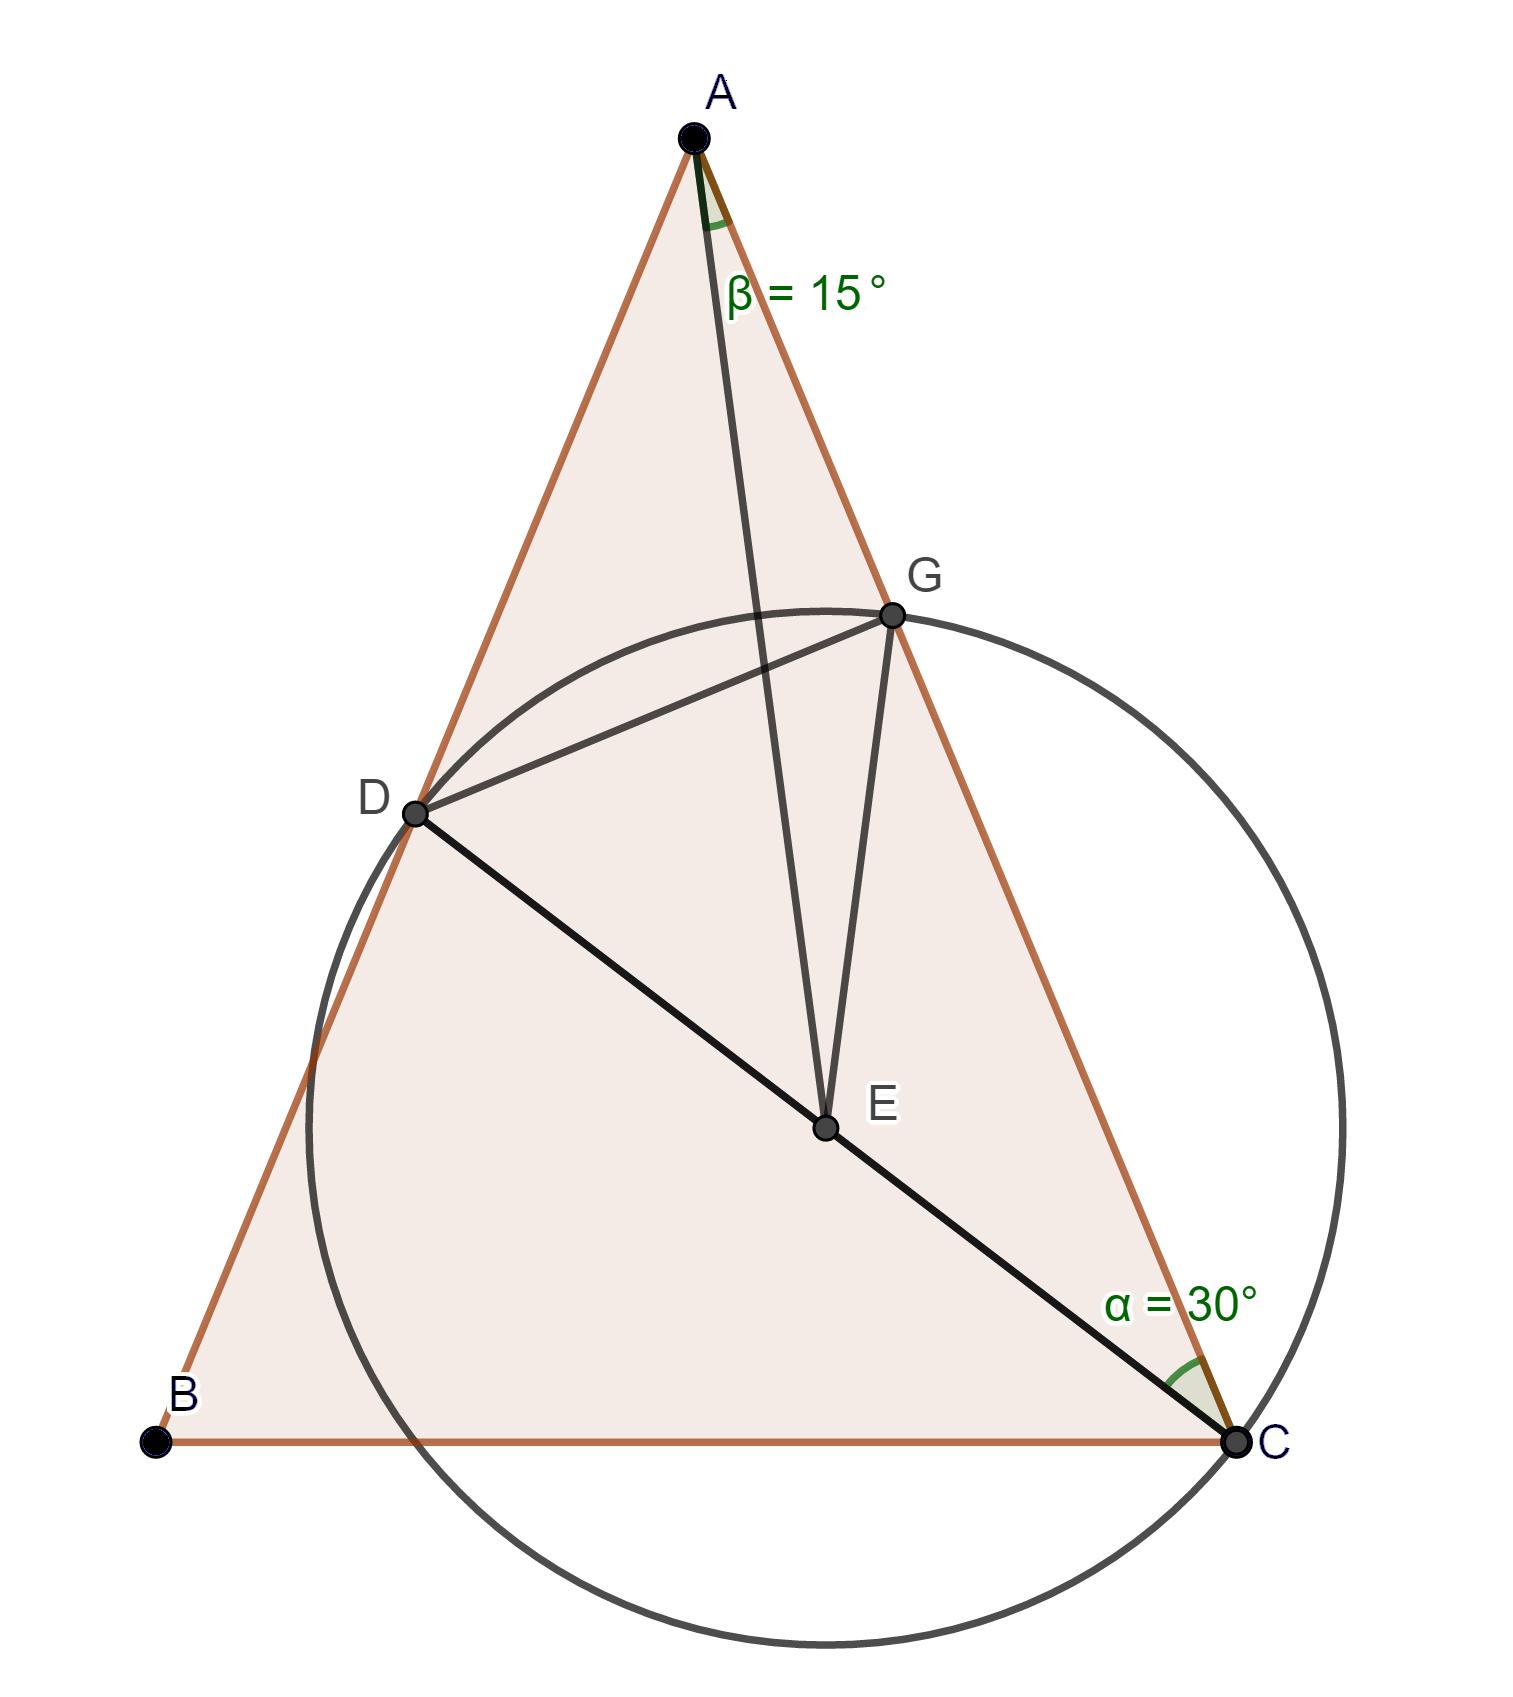 با محاسبه، اندازه زاویه مورد نظر به راحتی بدست می آید.